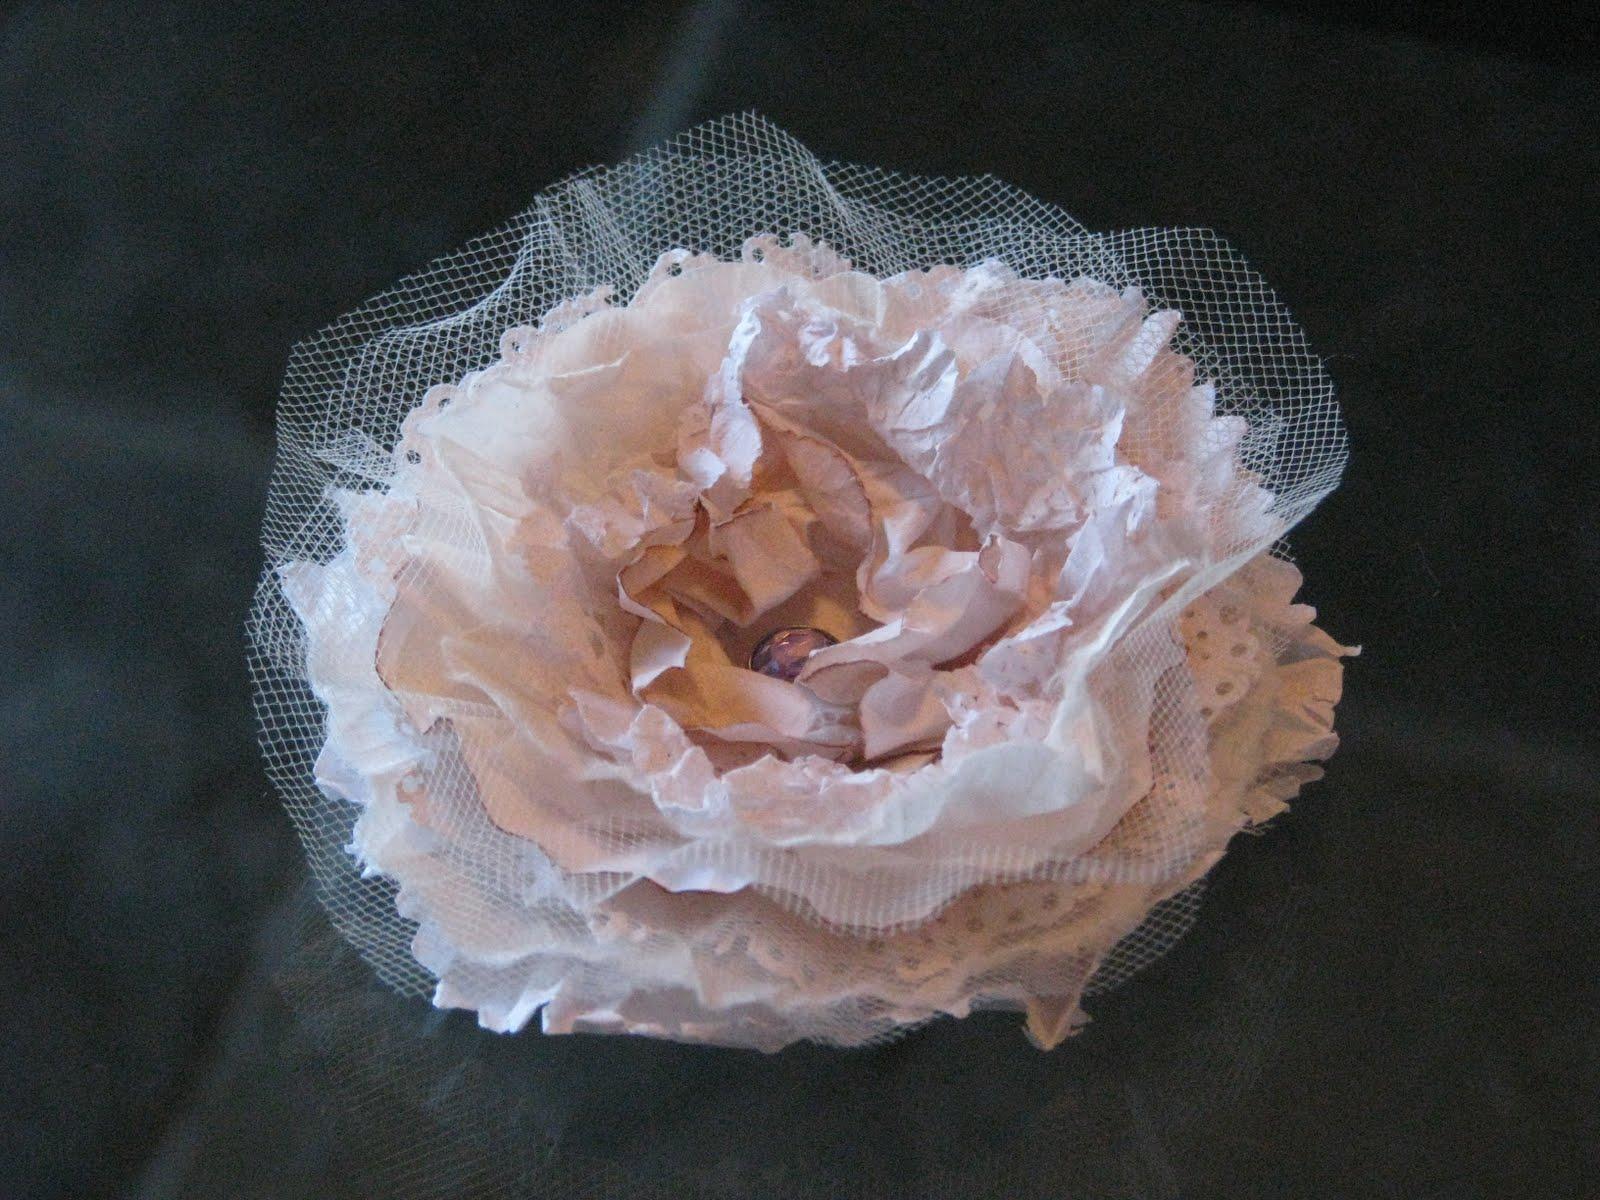 Получить в подарок одну розу во сне 28